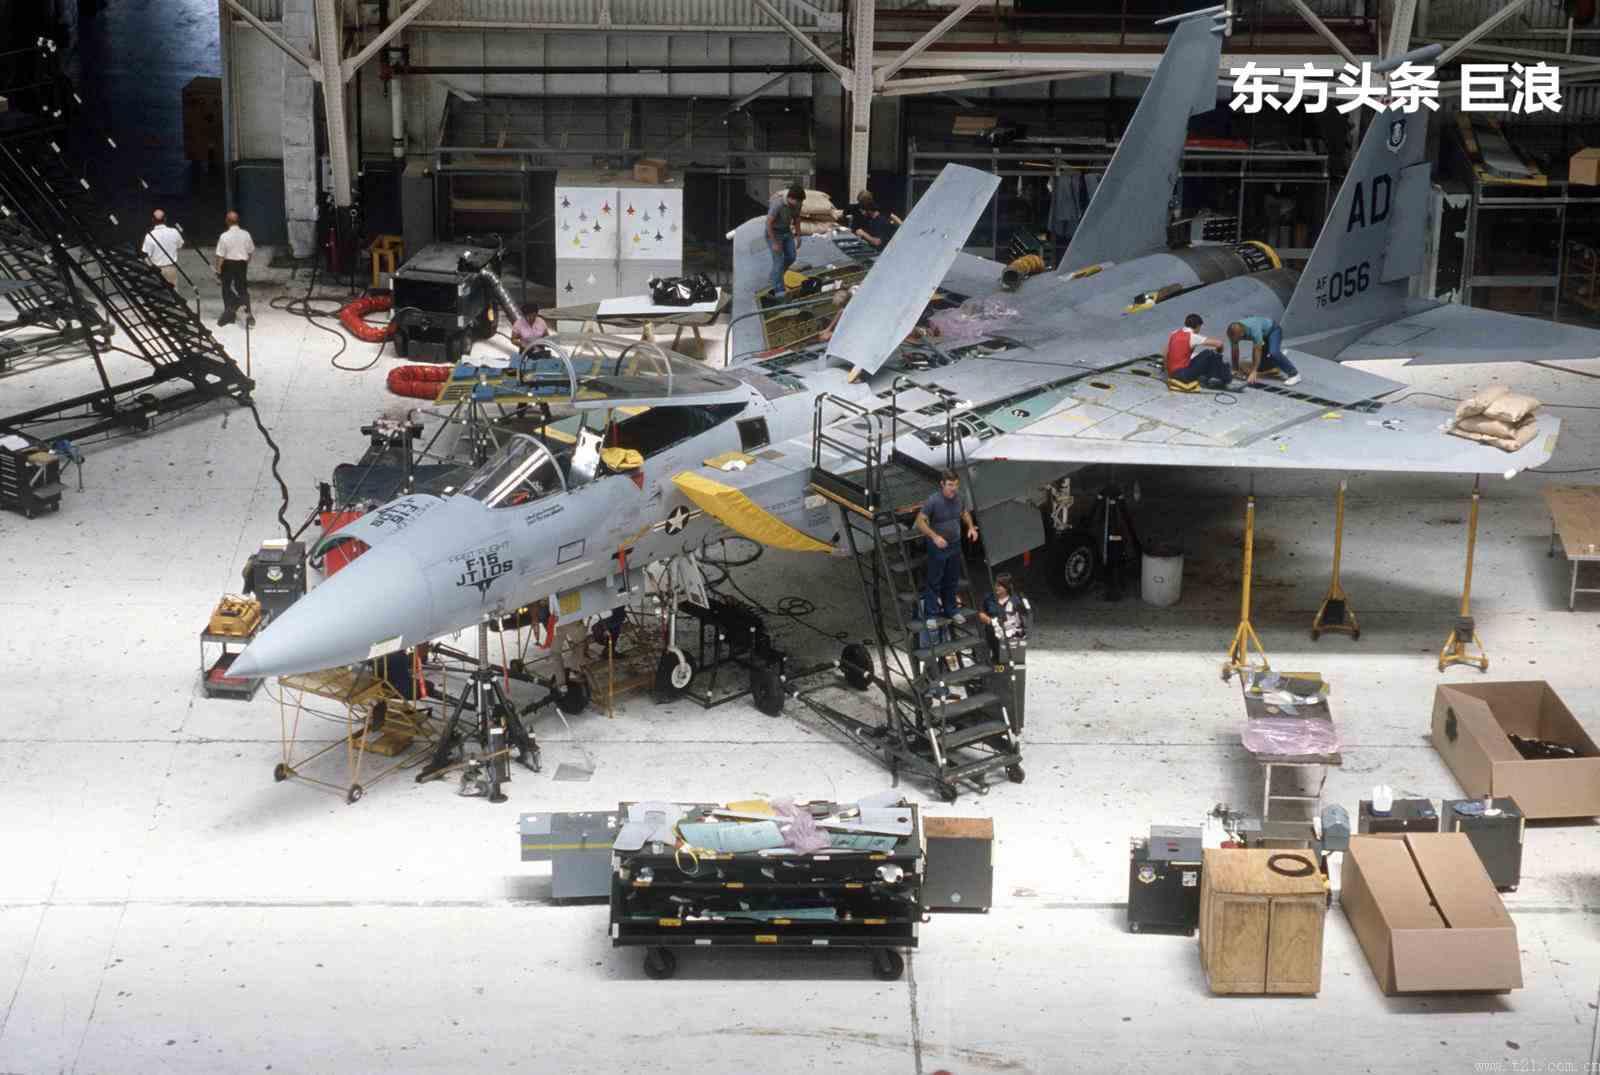 修理一架精密战斗机有多么复杂